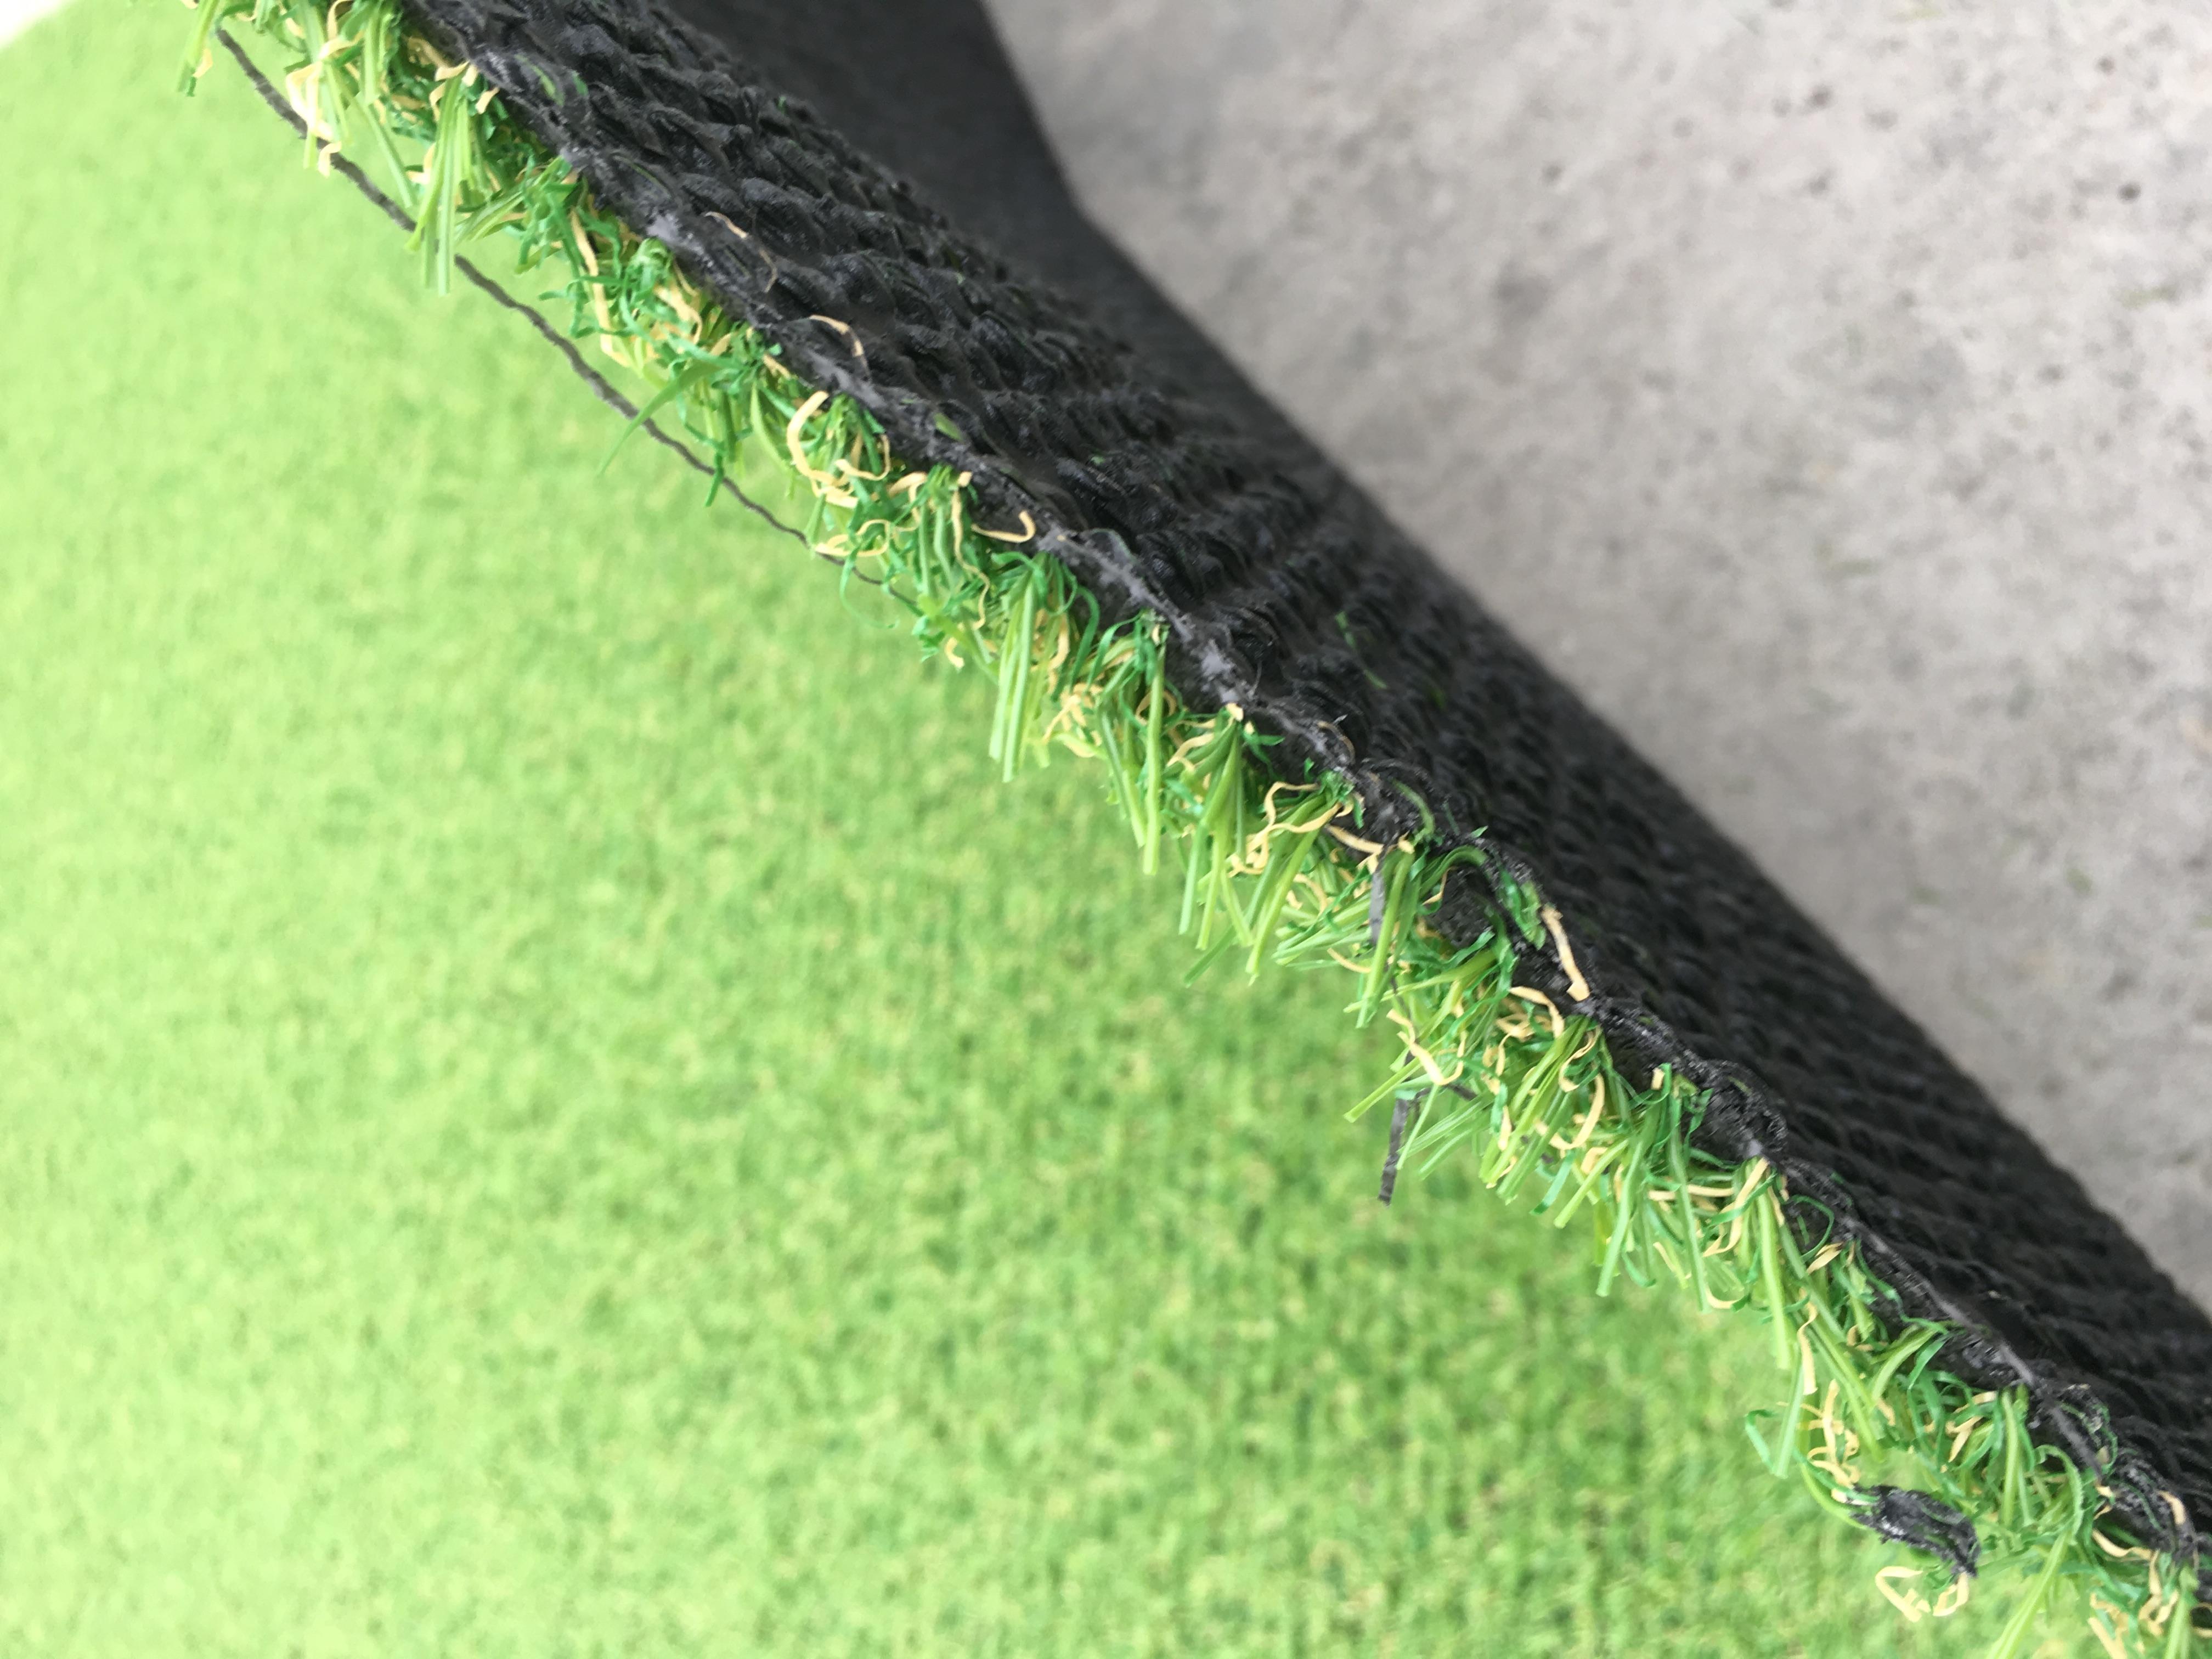 Covor Iarba Artificiala, Tip Gazon, Verde, Natura, 100% Polipropilena, 10 mm, 200x400 cm2